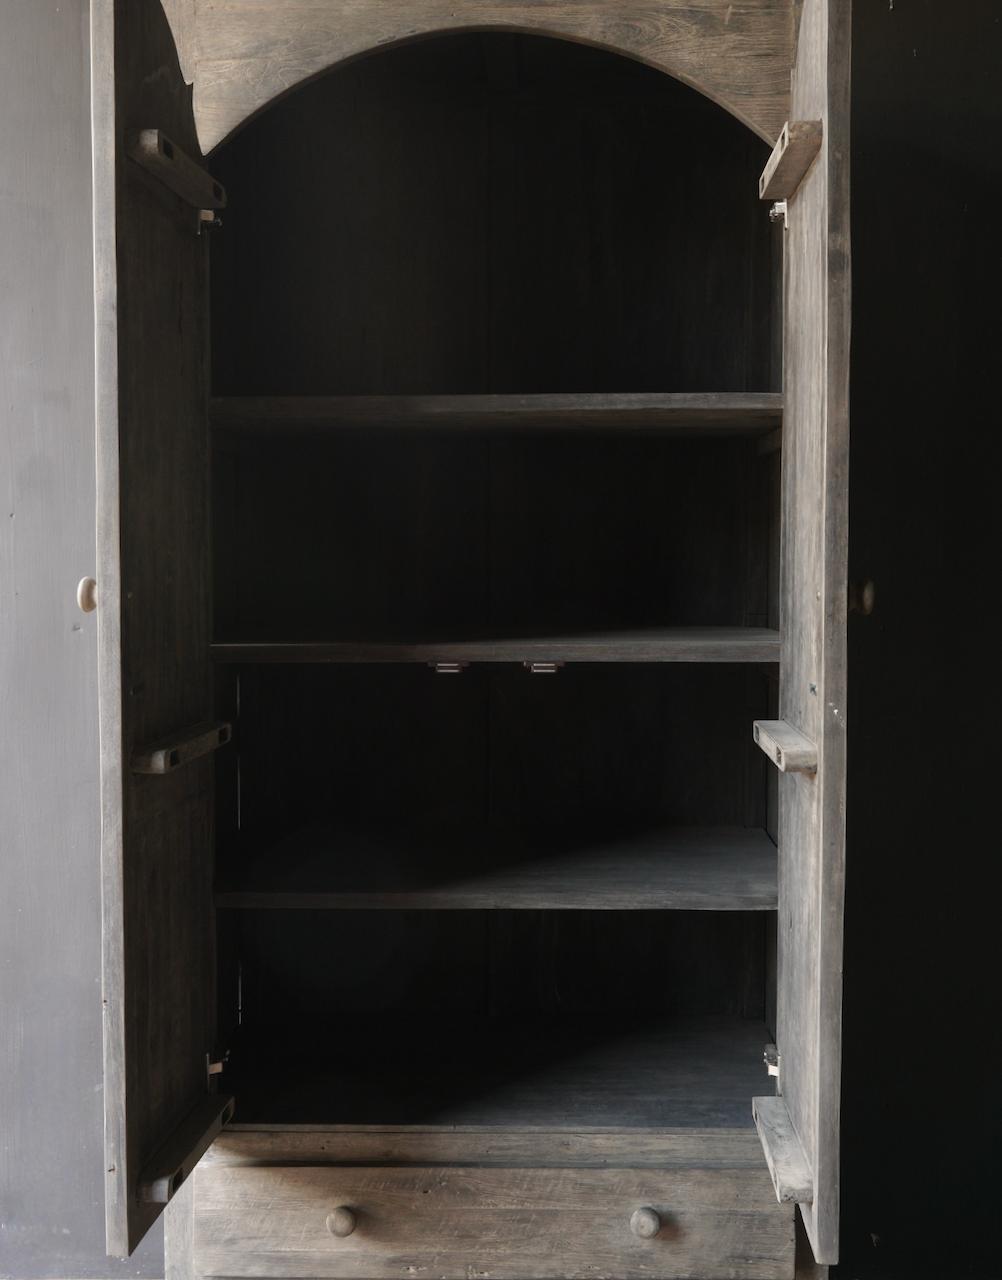 Schöner Tough Rural alter schmaler zweitüriger Holzschrank-4